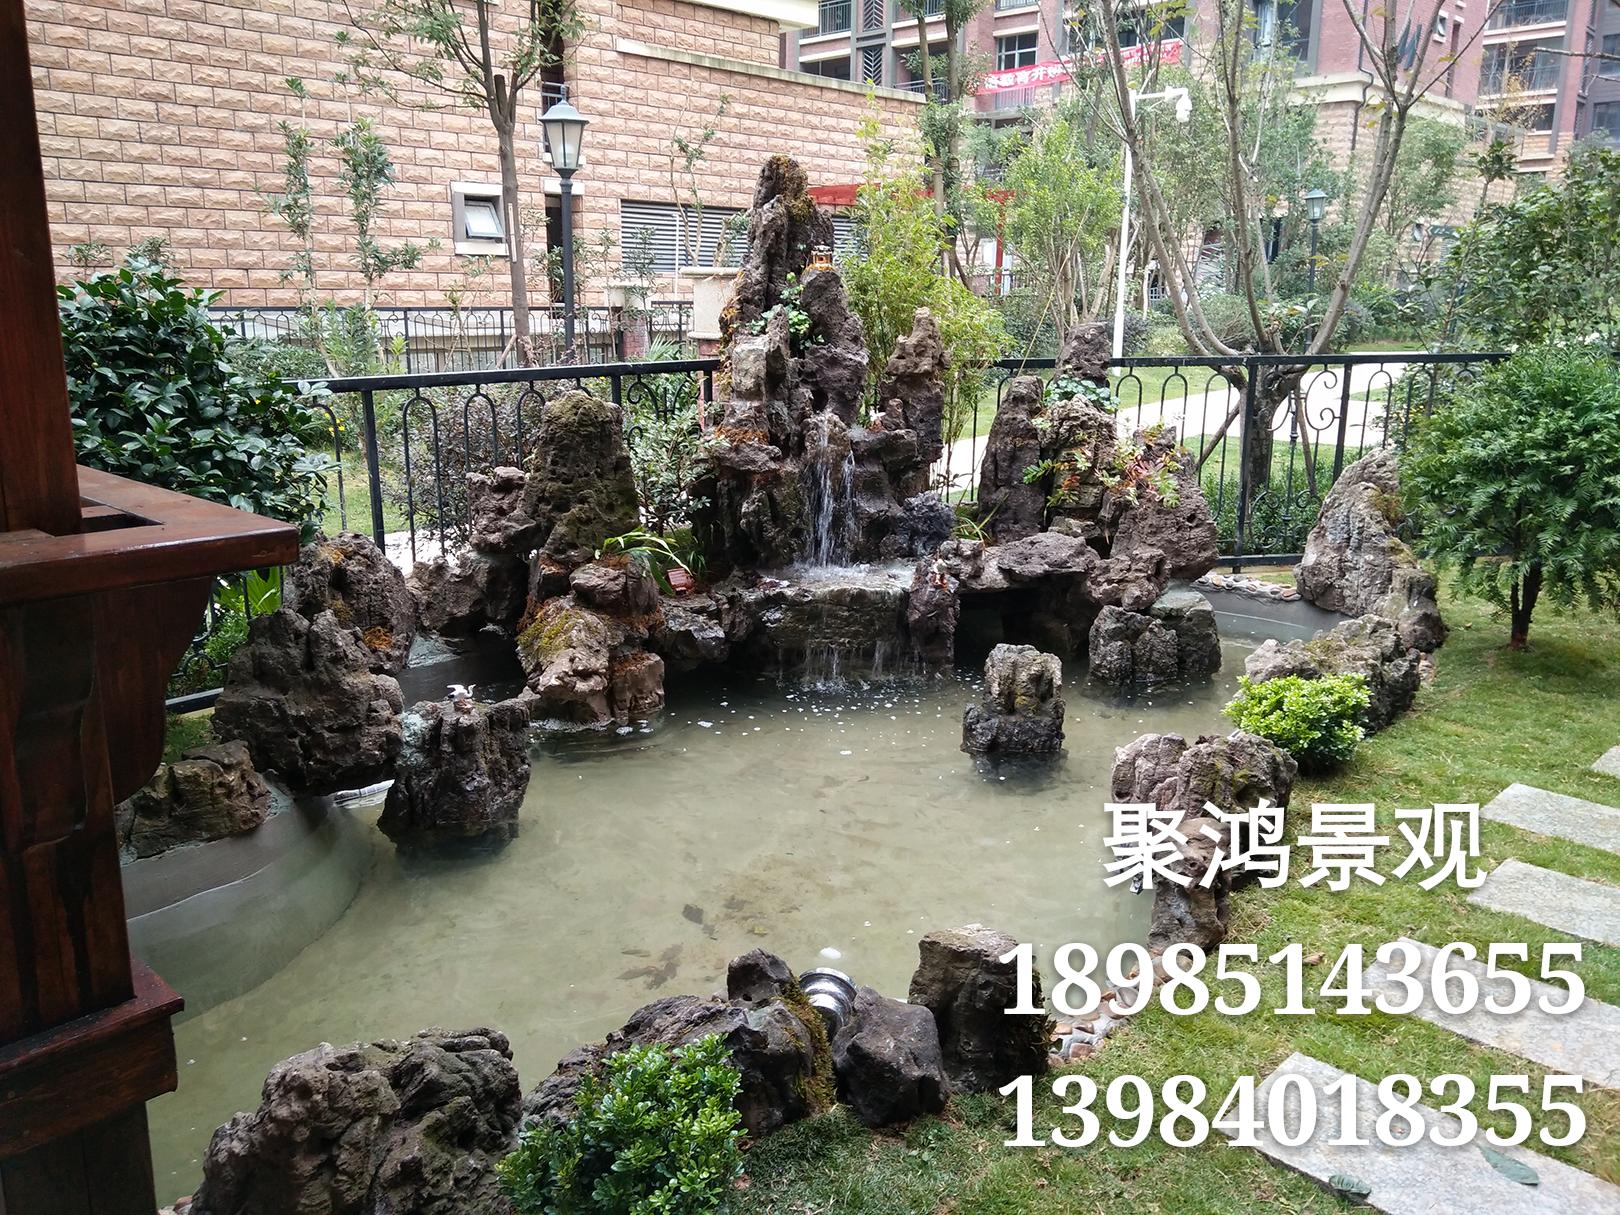 毕节威斯尼斯人203626com园林景观设计